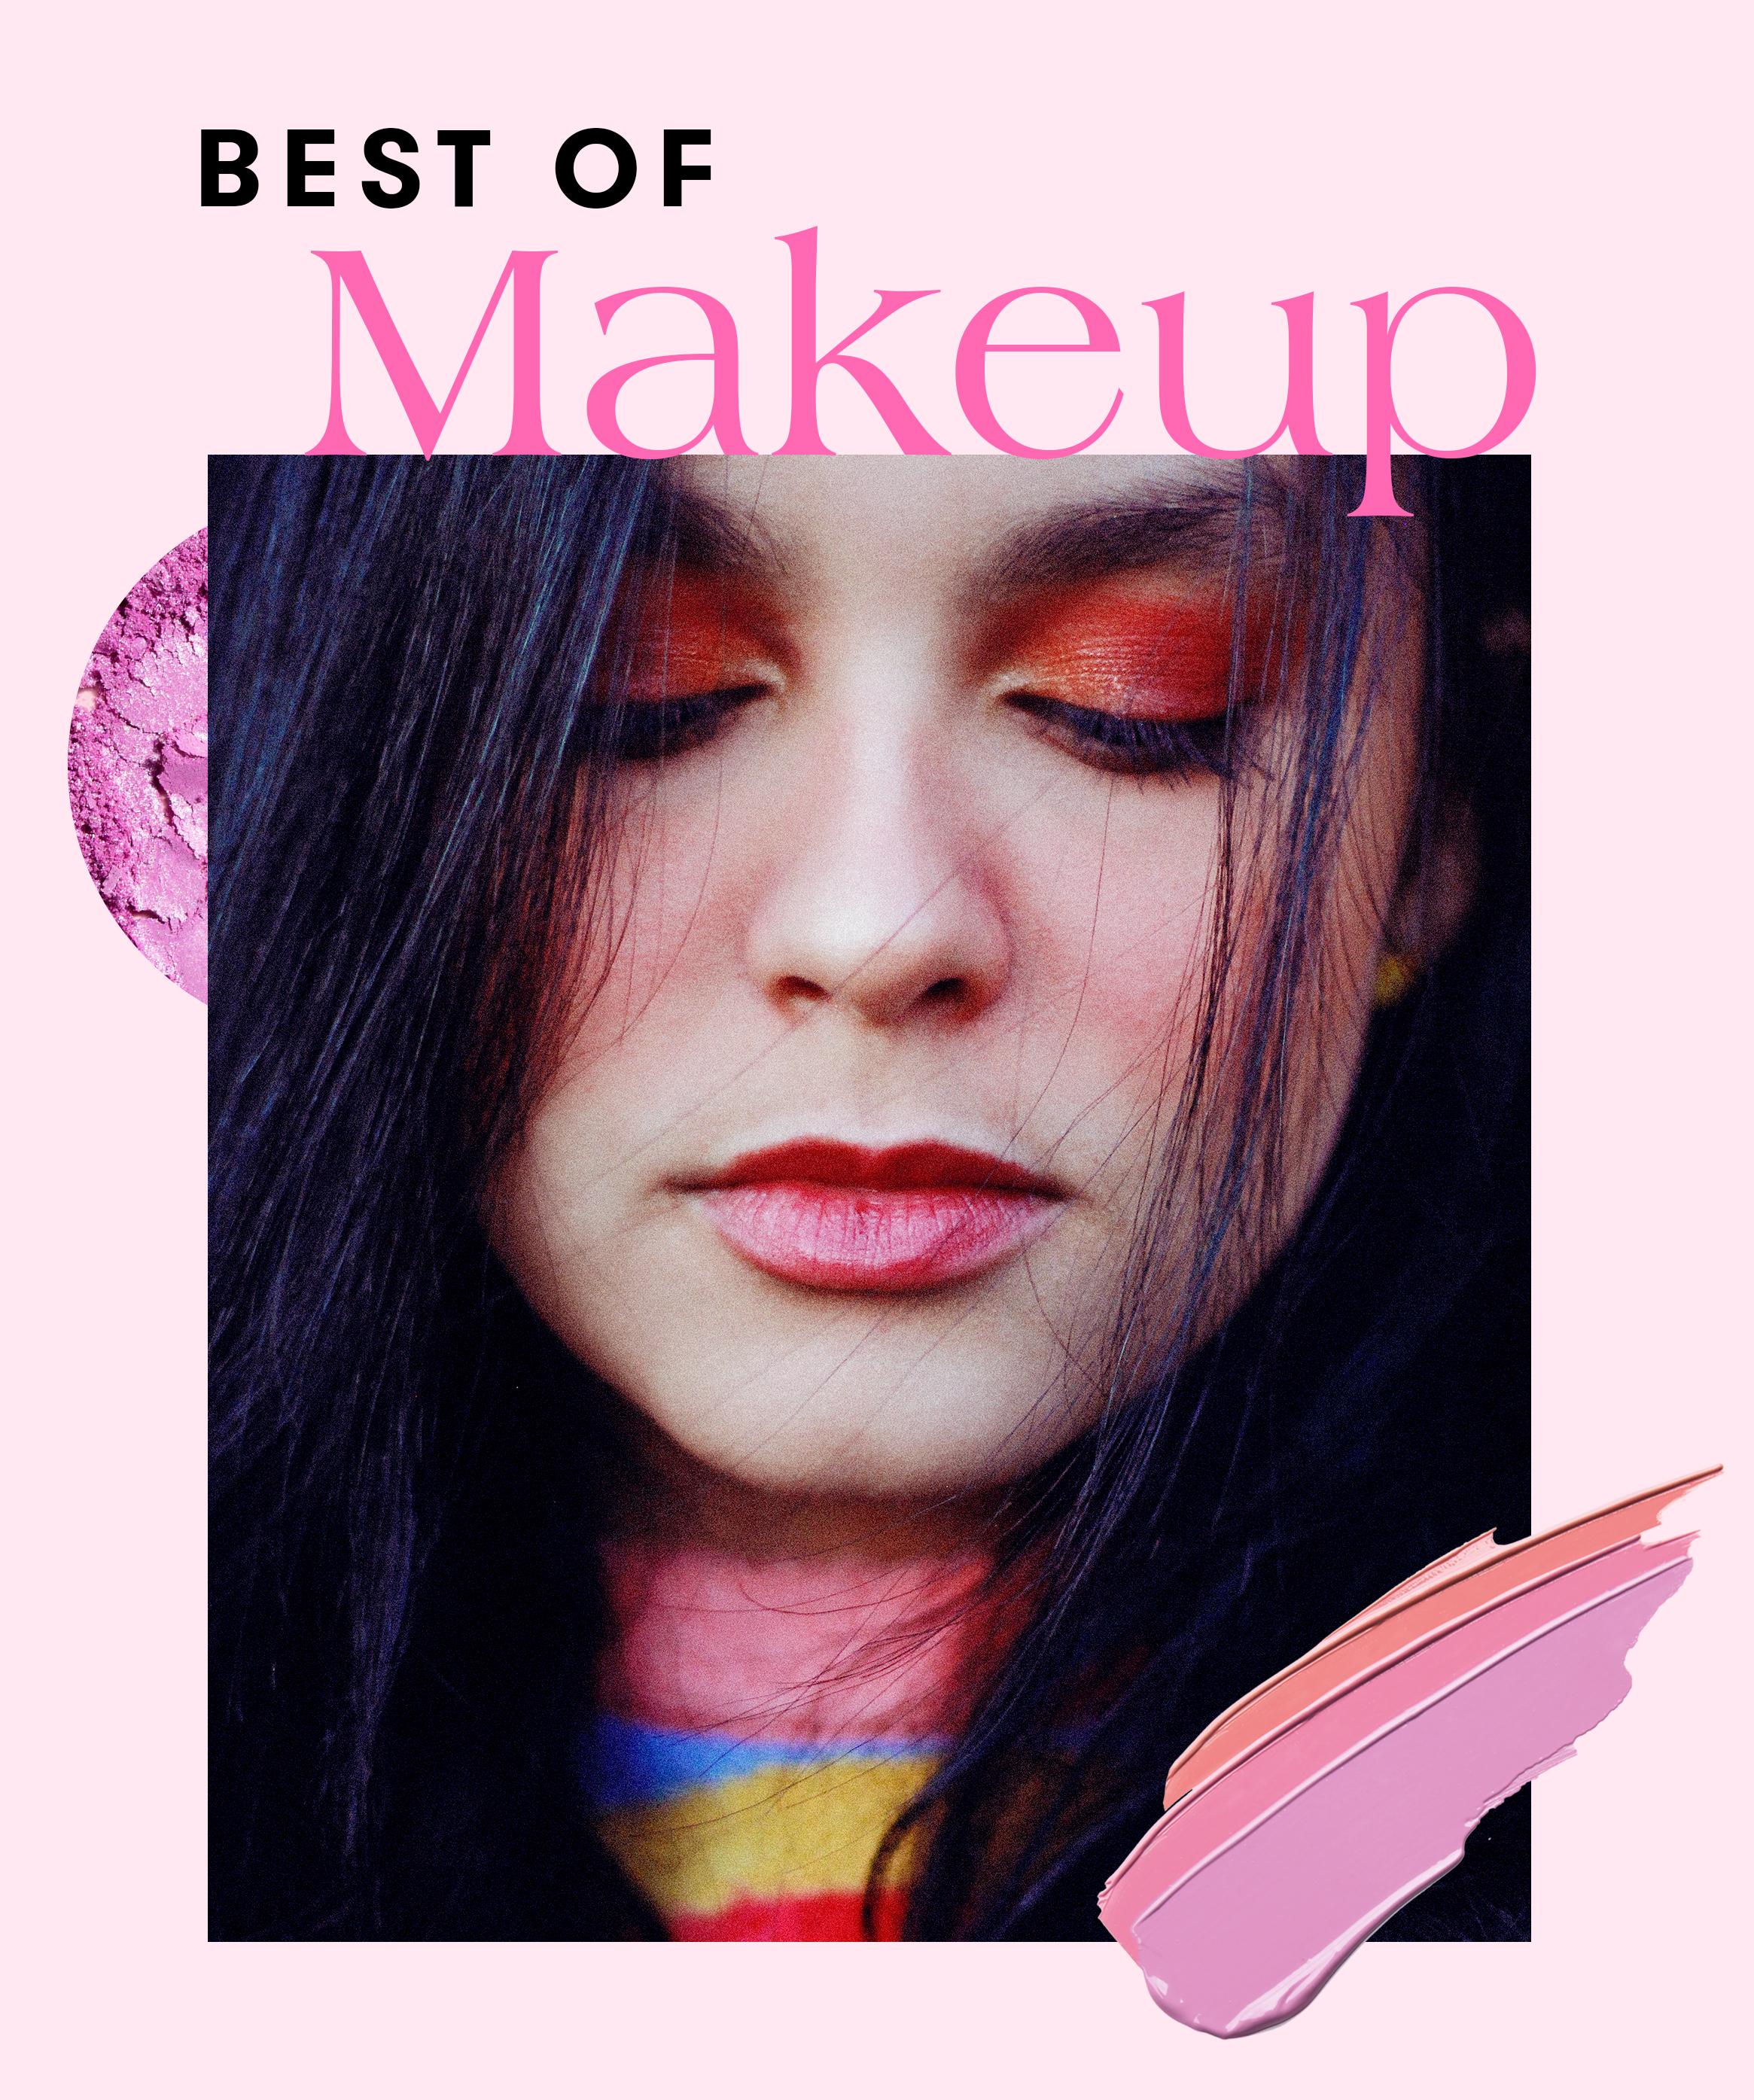 01_Makeup.jpg